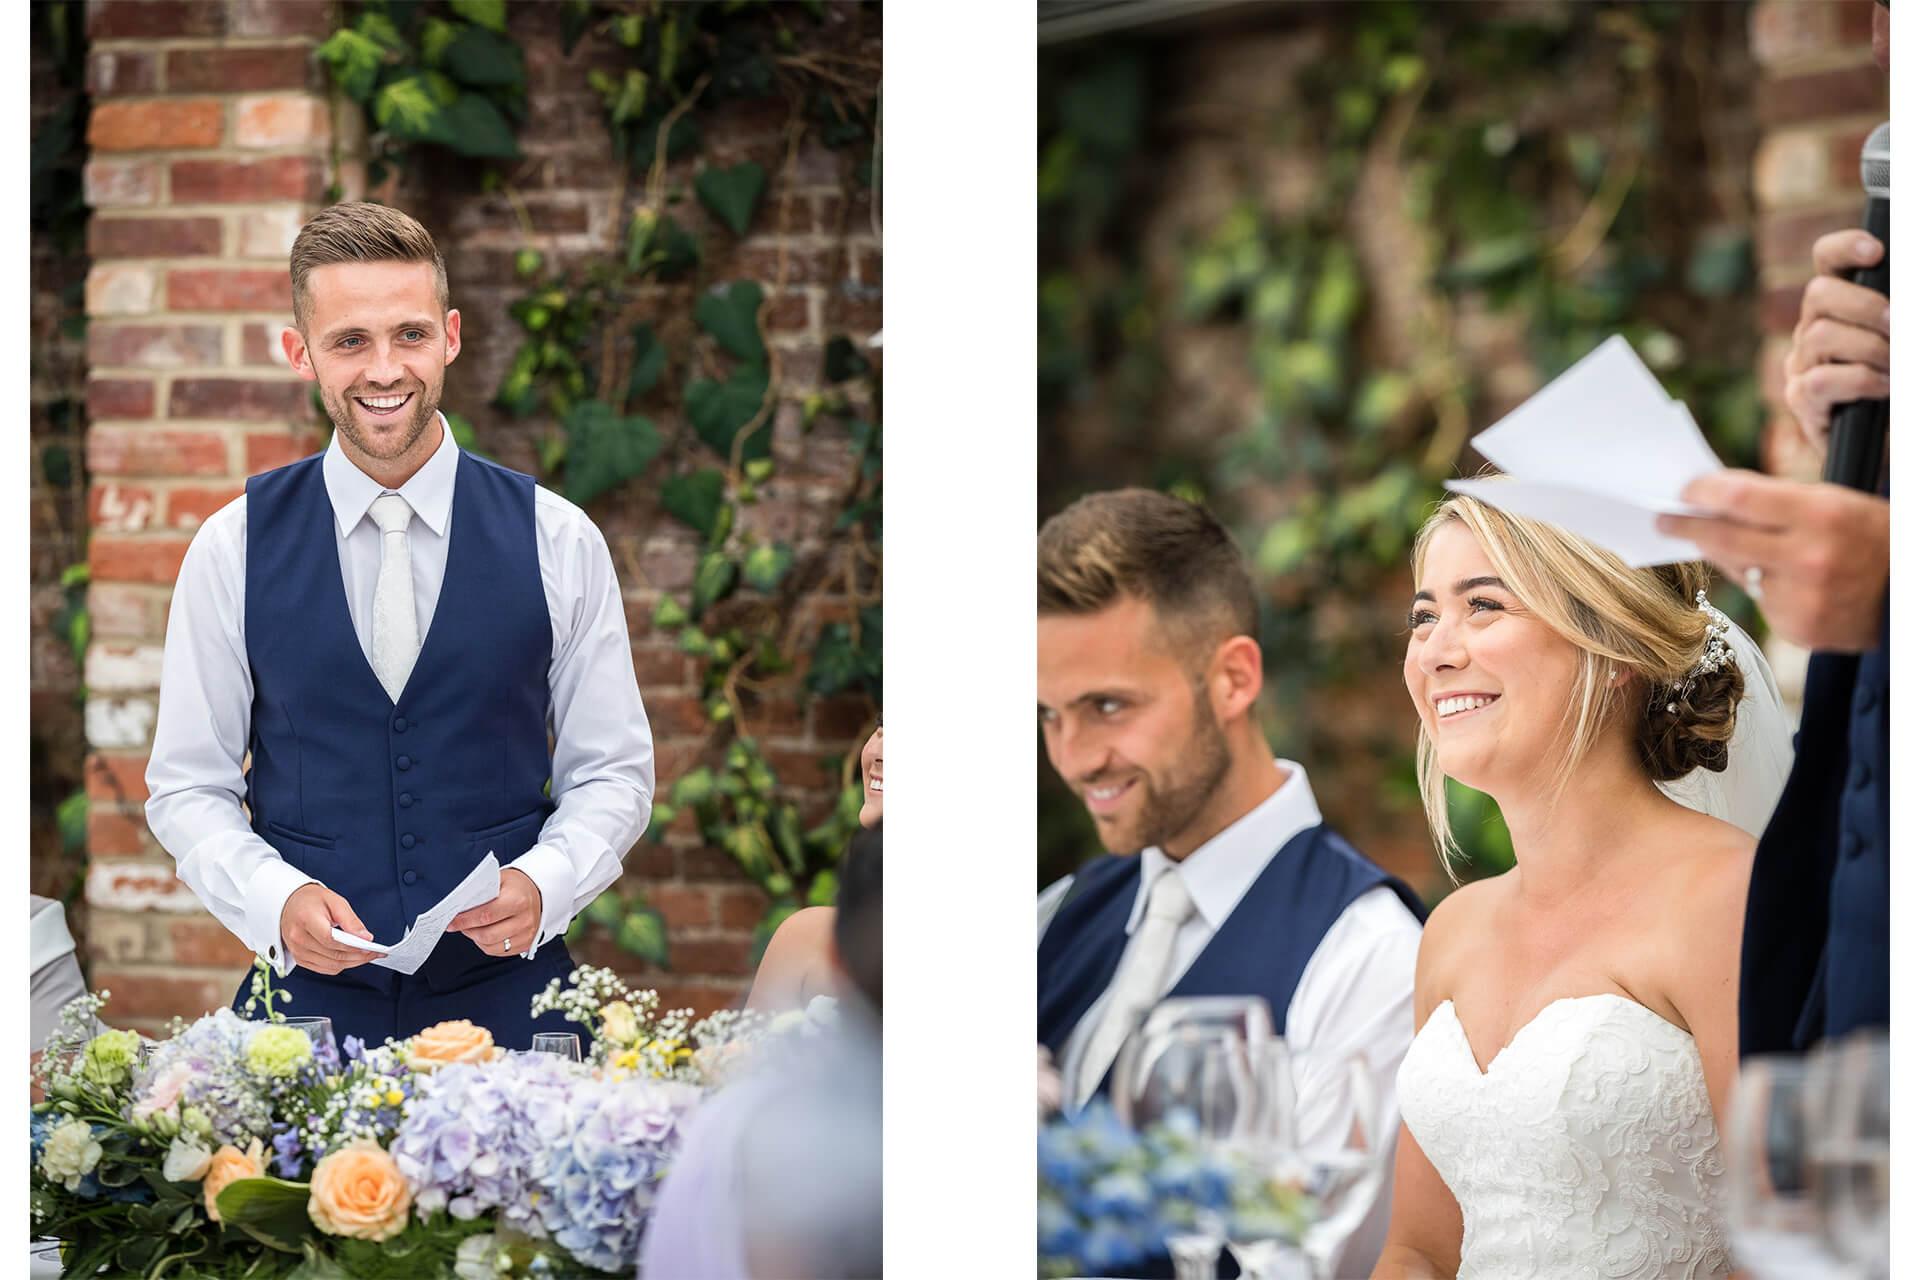 wedding-day-speeches